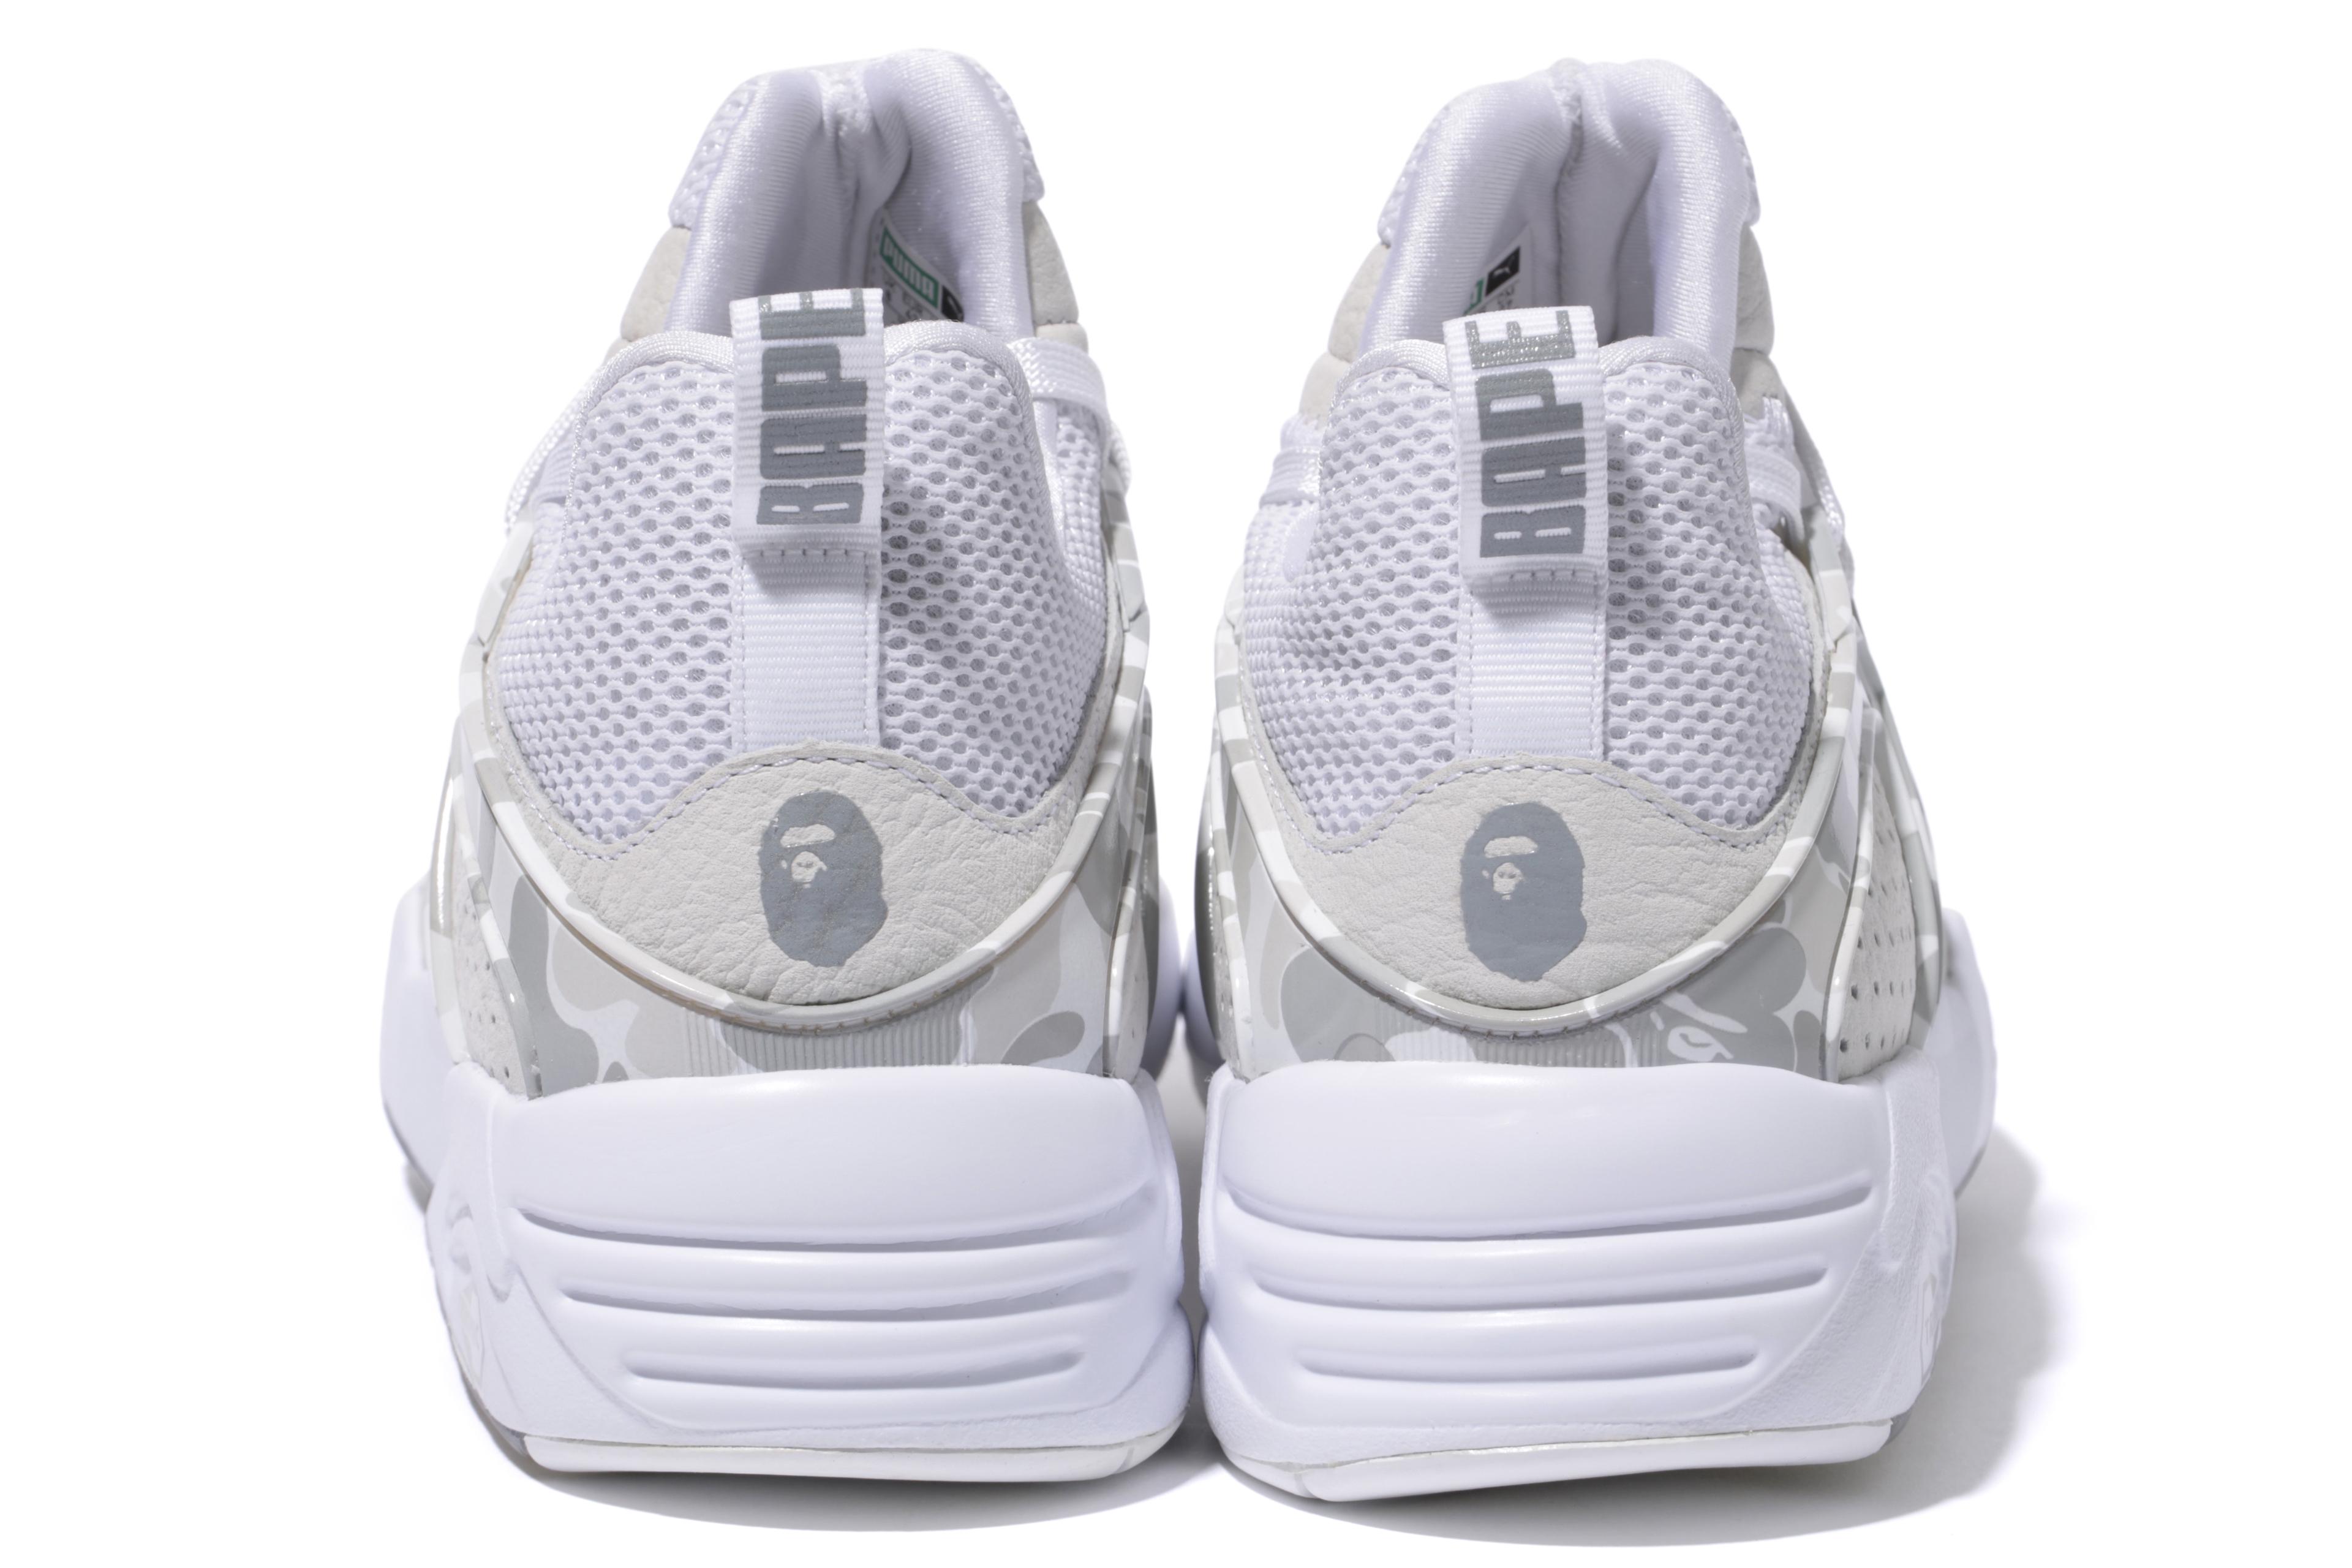 Bape Shoes Online